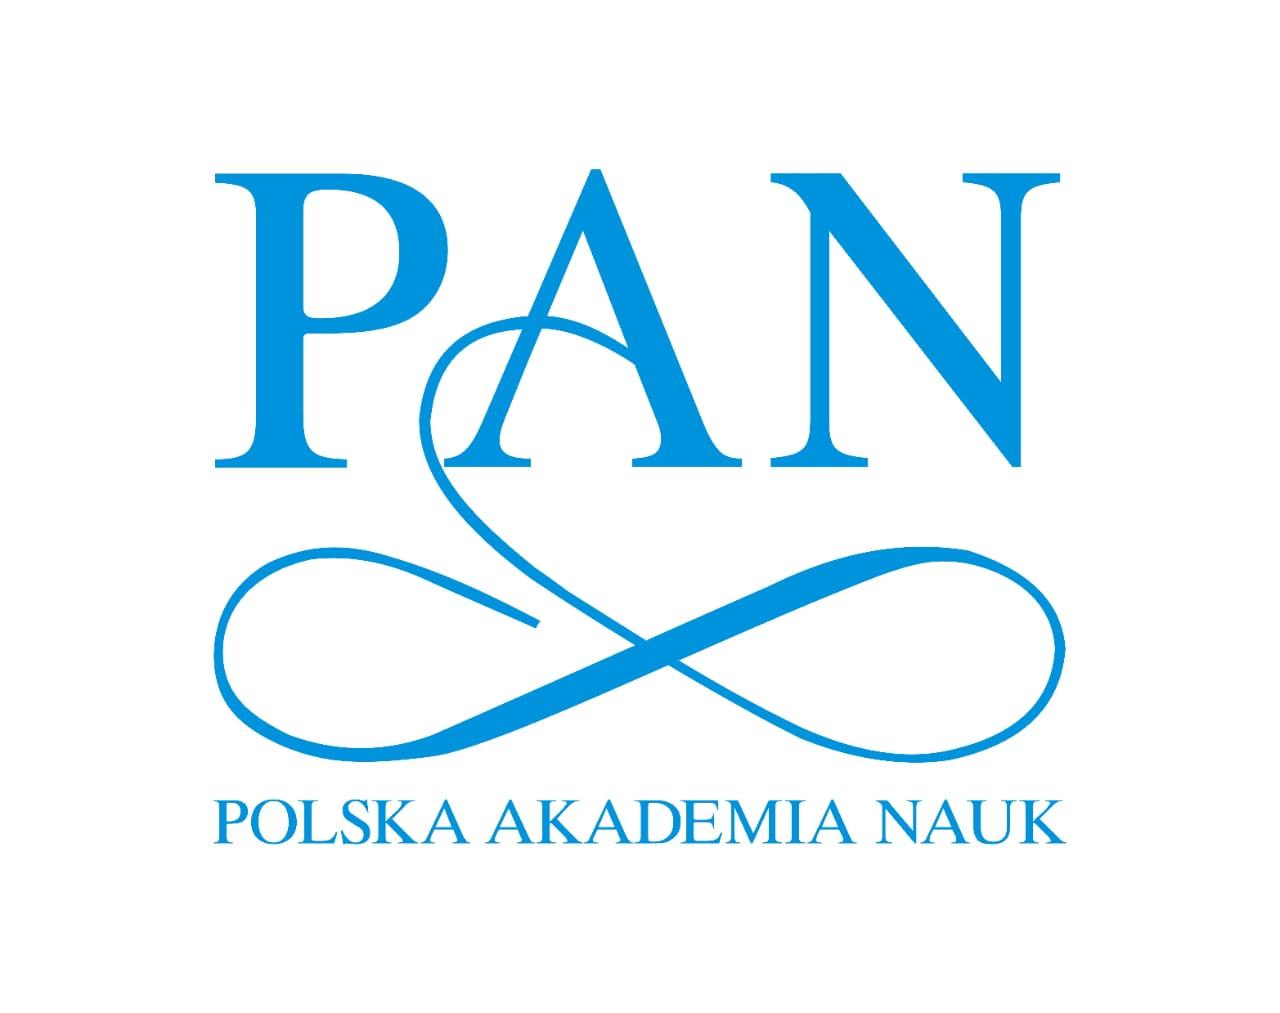 Narzędzia SAS w Polskiej Akademii Nauk